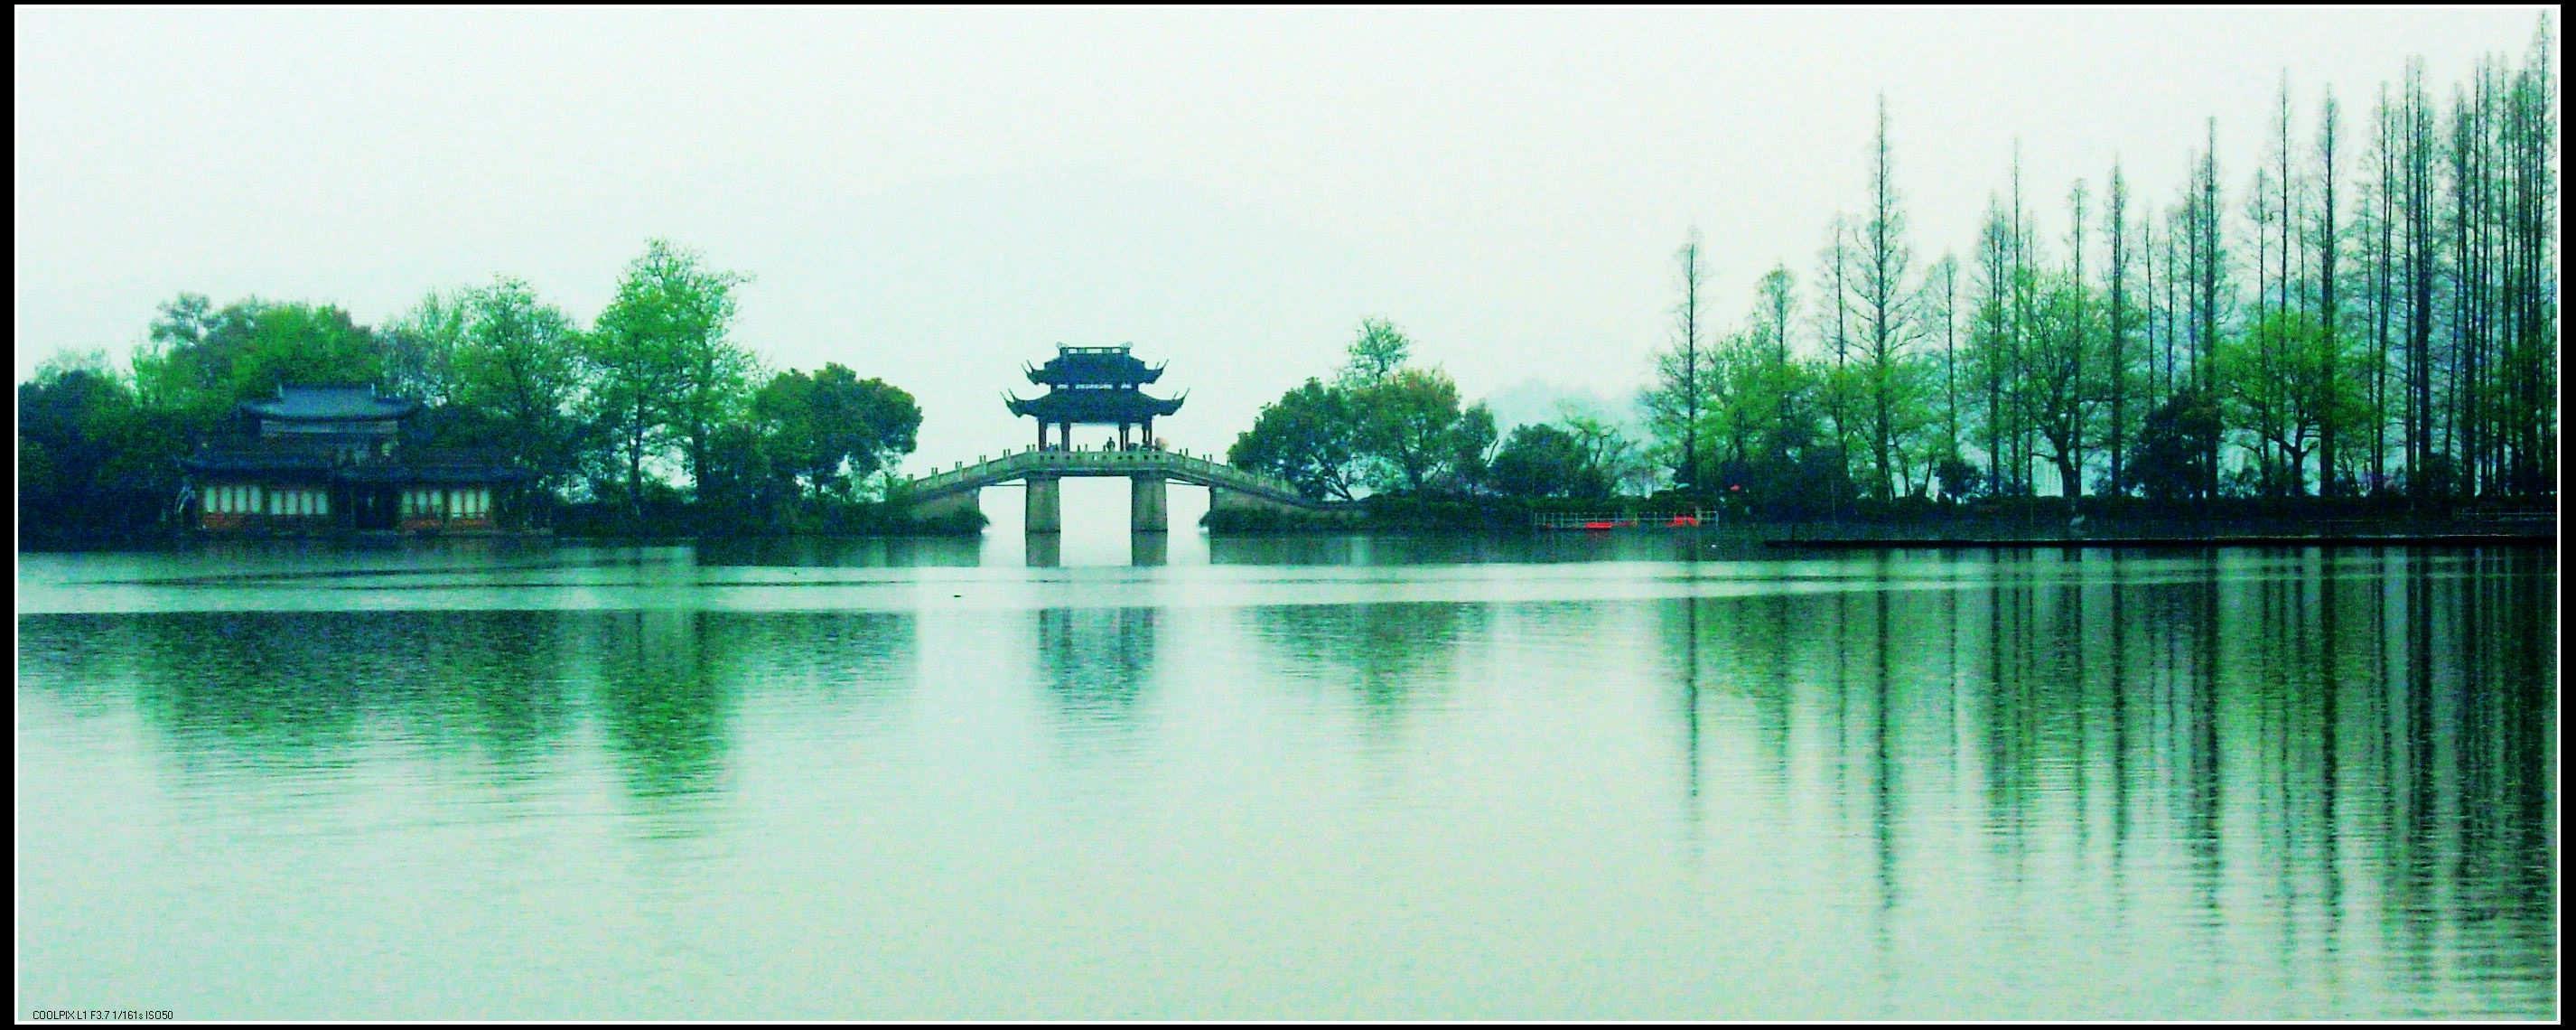 描写西湖景色的文章_杭州西湖十大美景的描写_描写西湖的作文_描写西湖的文章_描写 ...